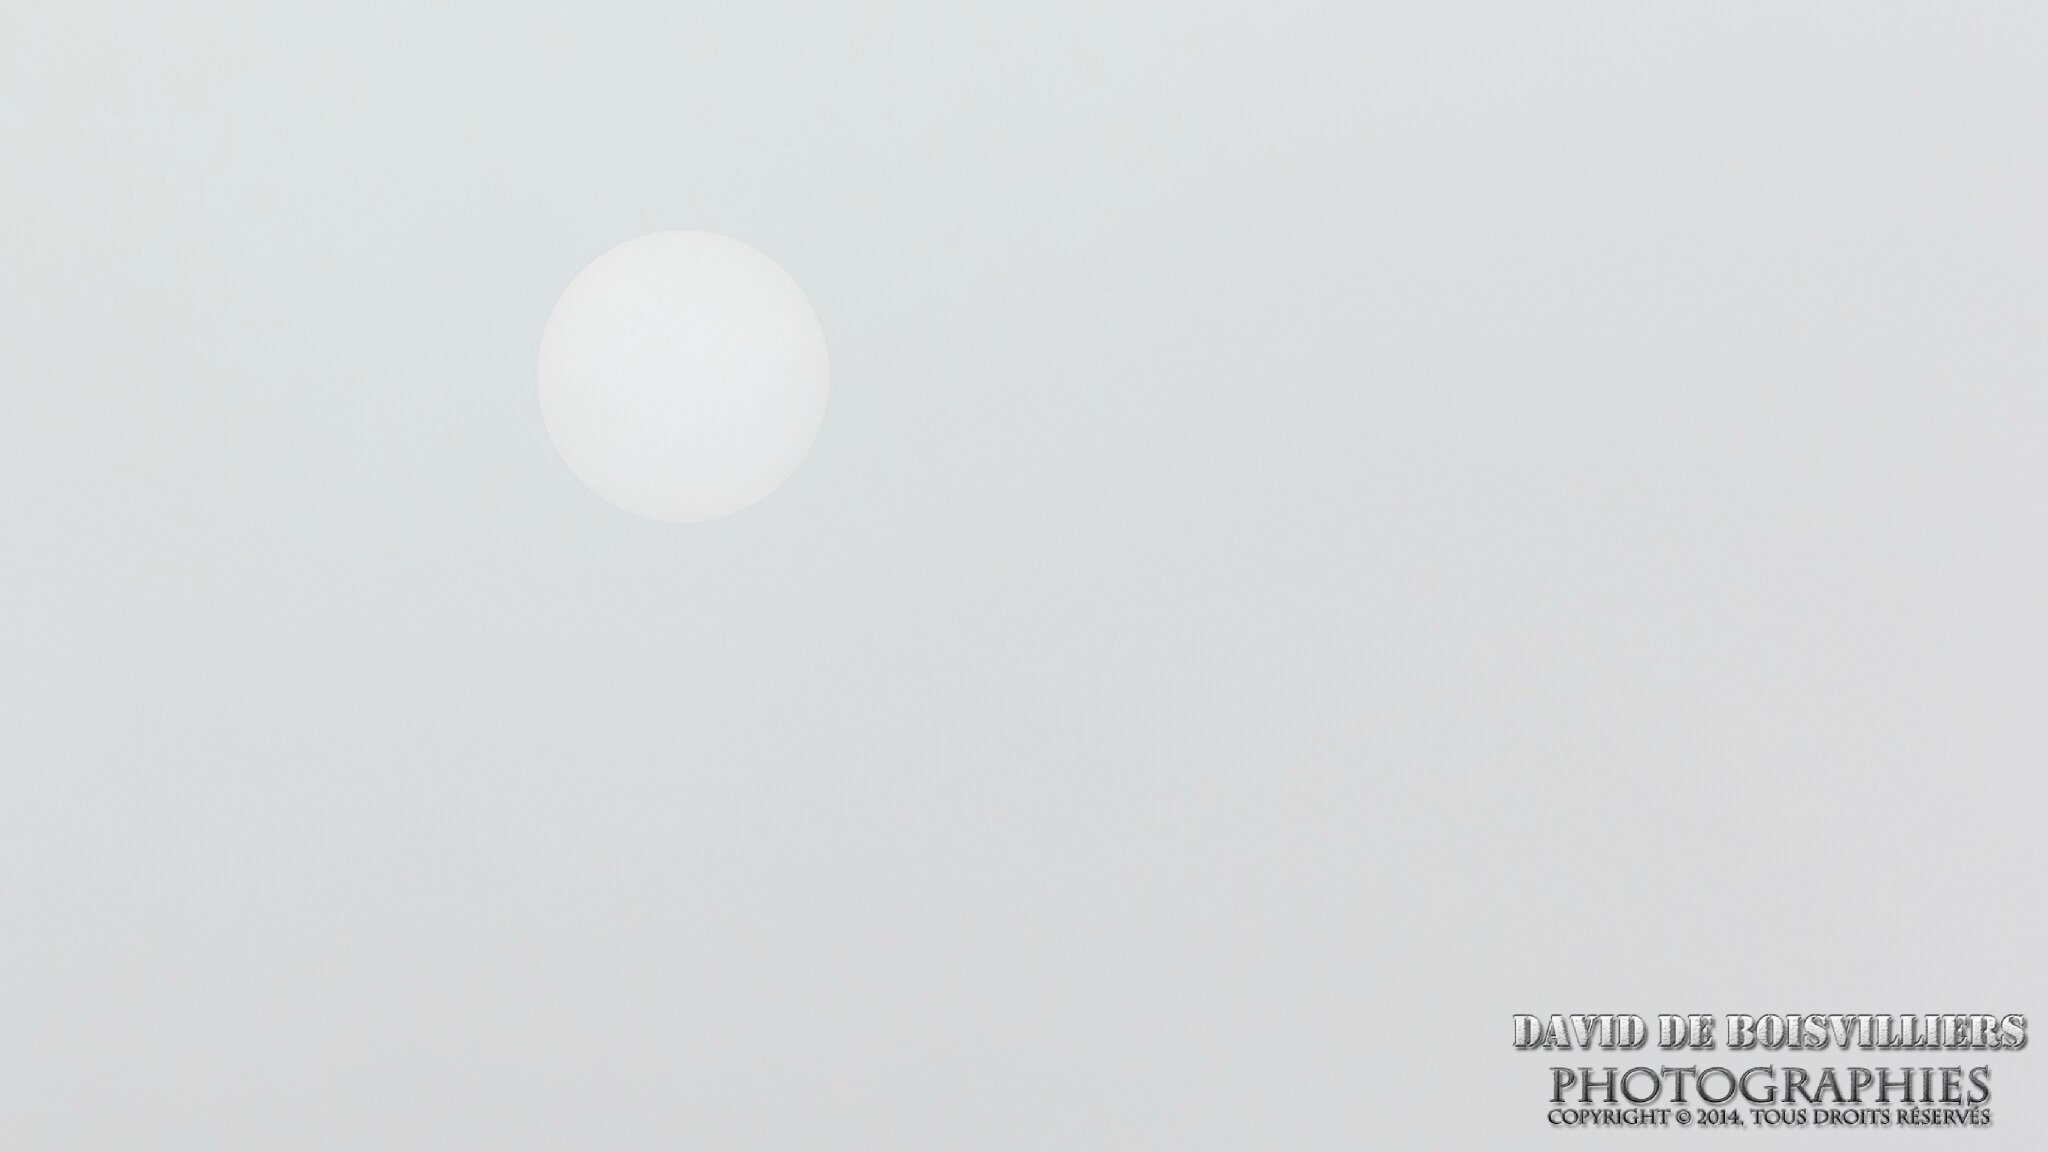 Soleil d'hiver à travers le brouillard ...